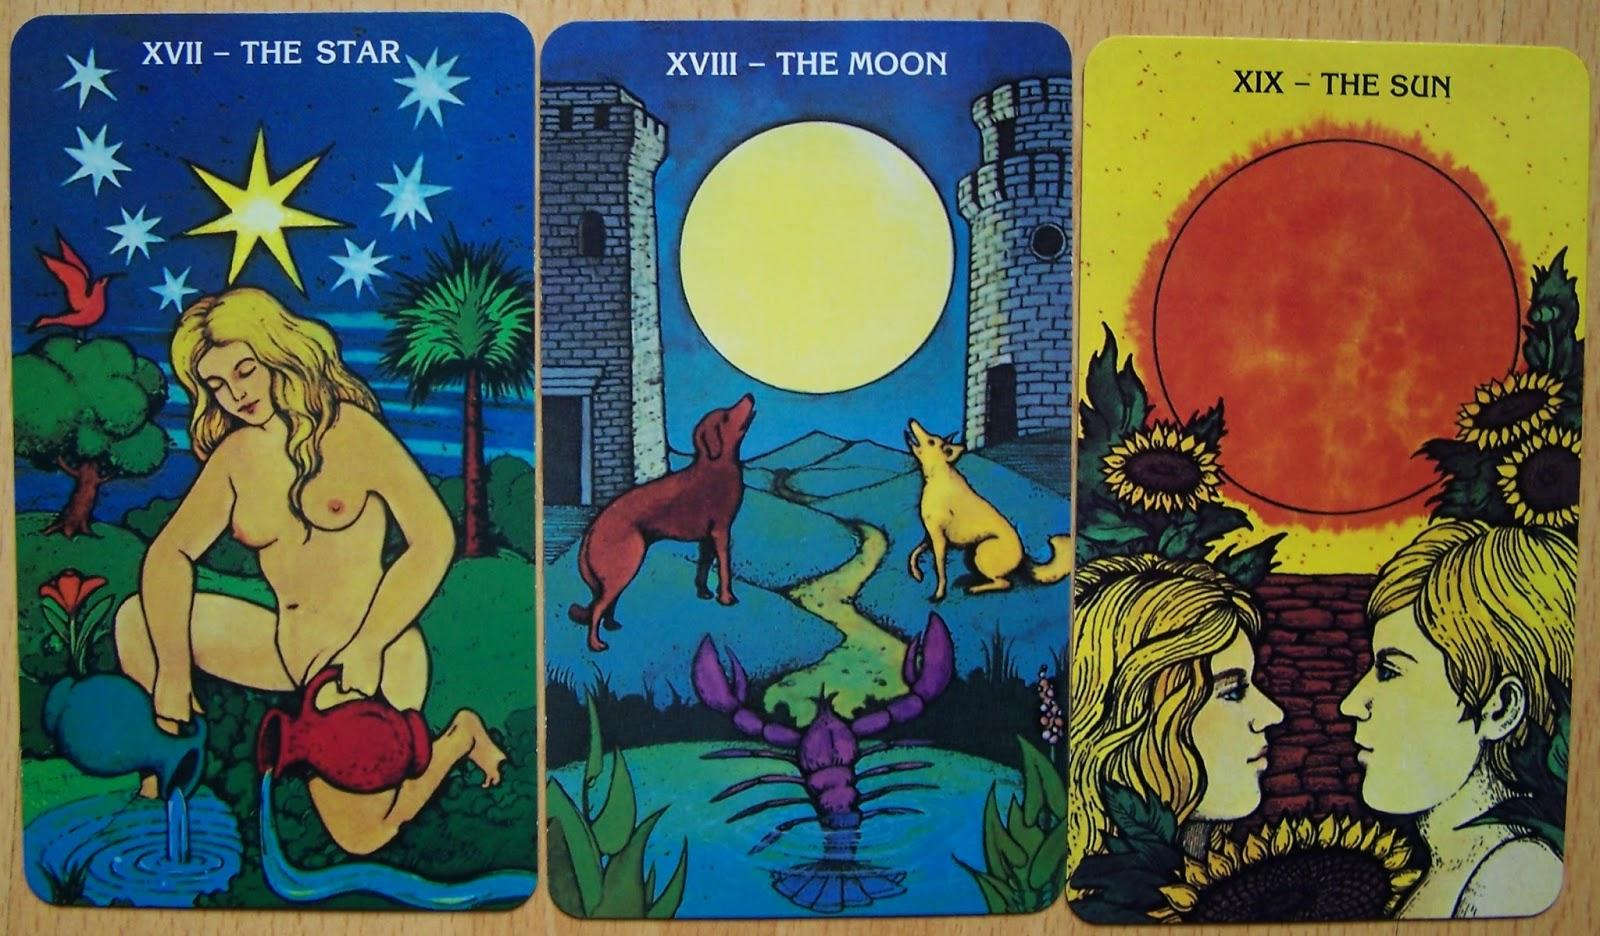 Dzień szósty dnia siódmego czyli: Gwiazda, Księżyc, Słońce - analogia